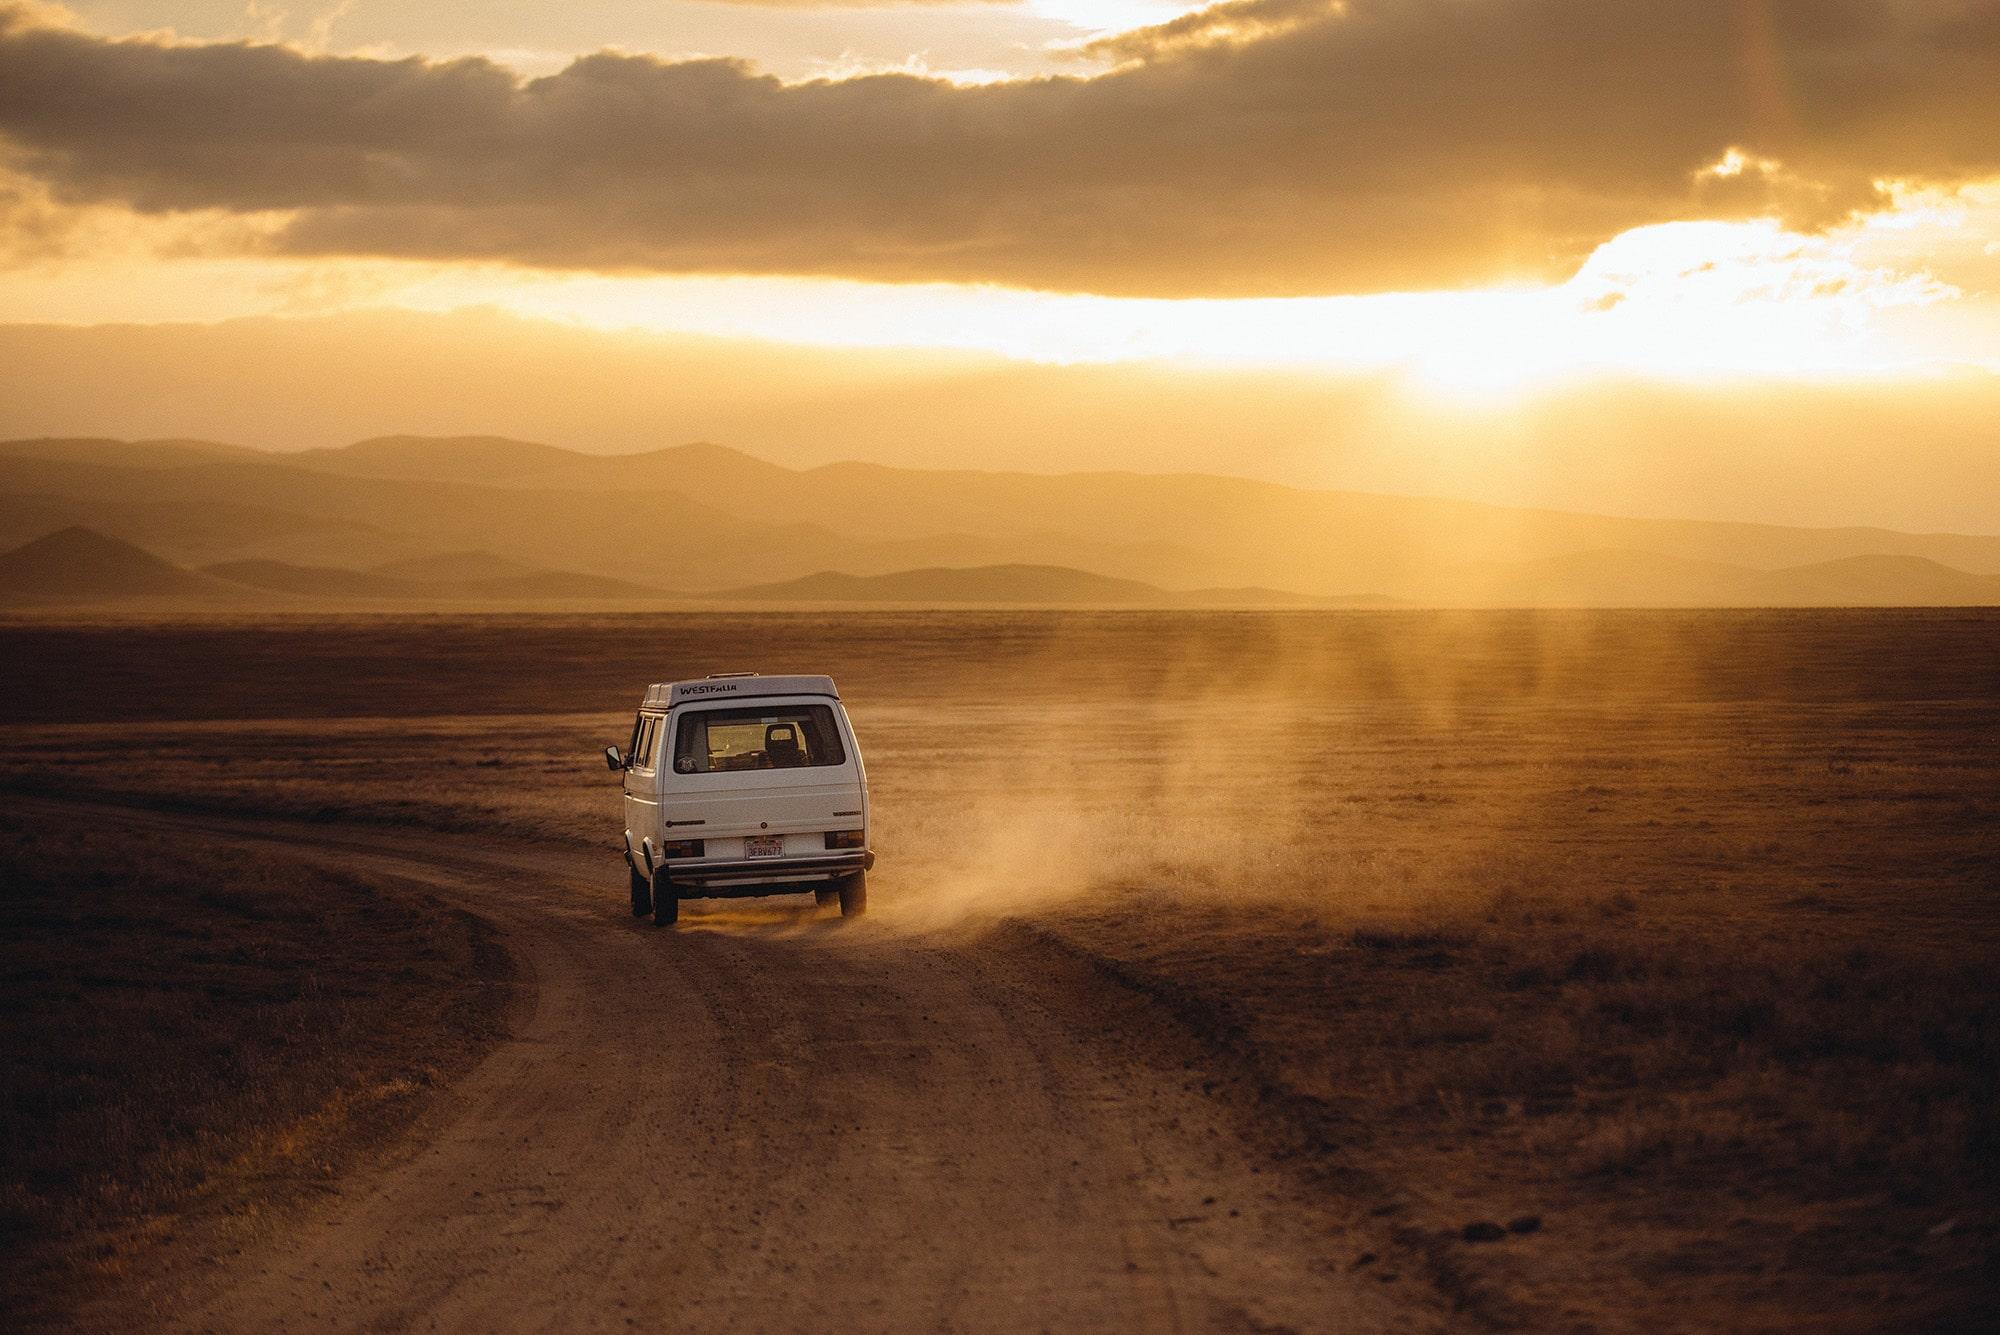 Image Jeu concours : Gagnez un Tour du Monde